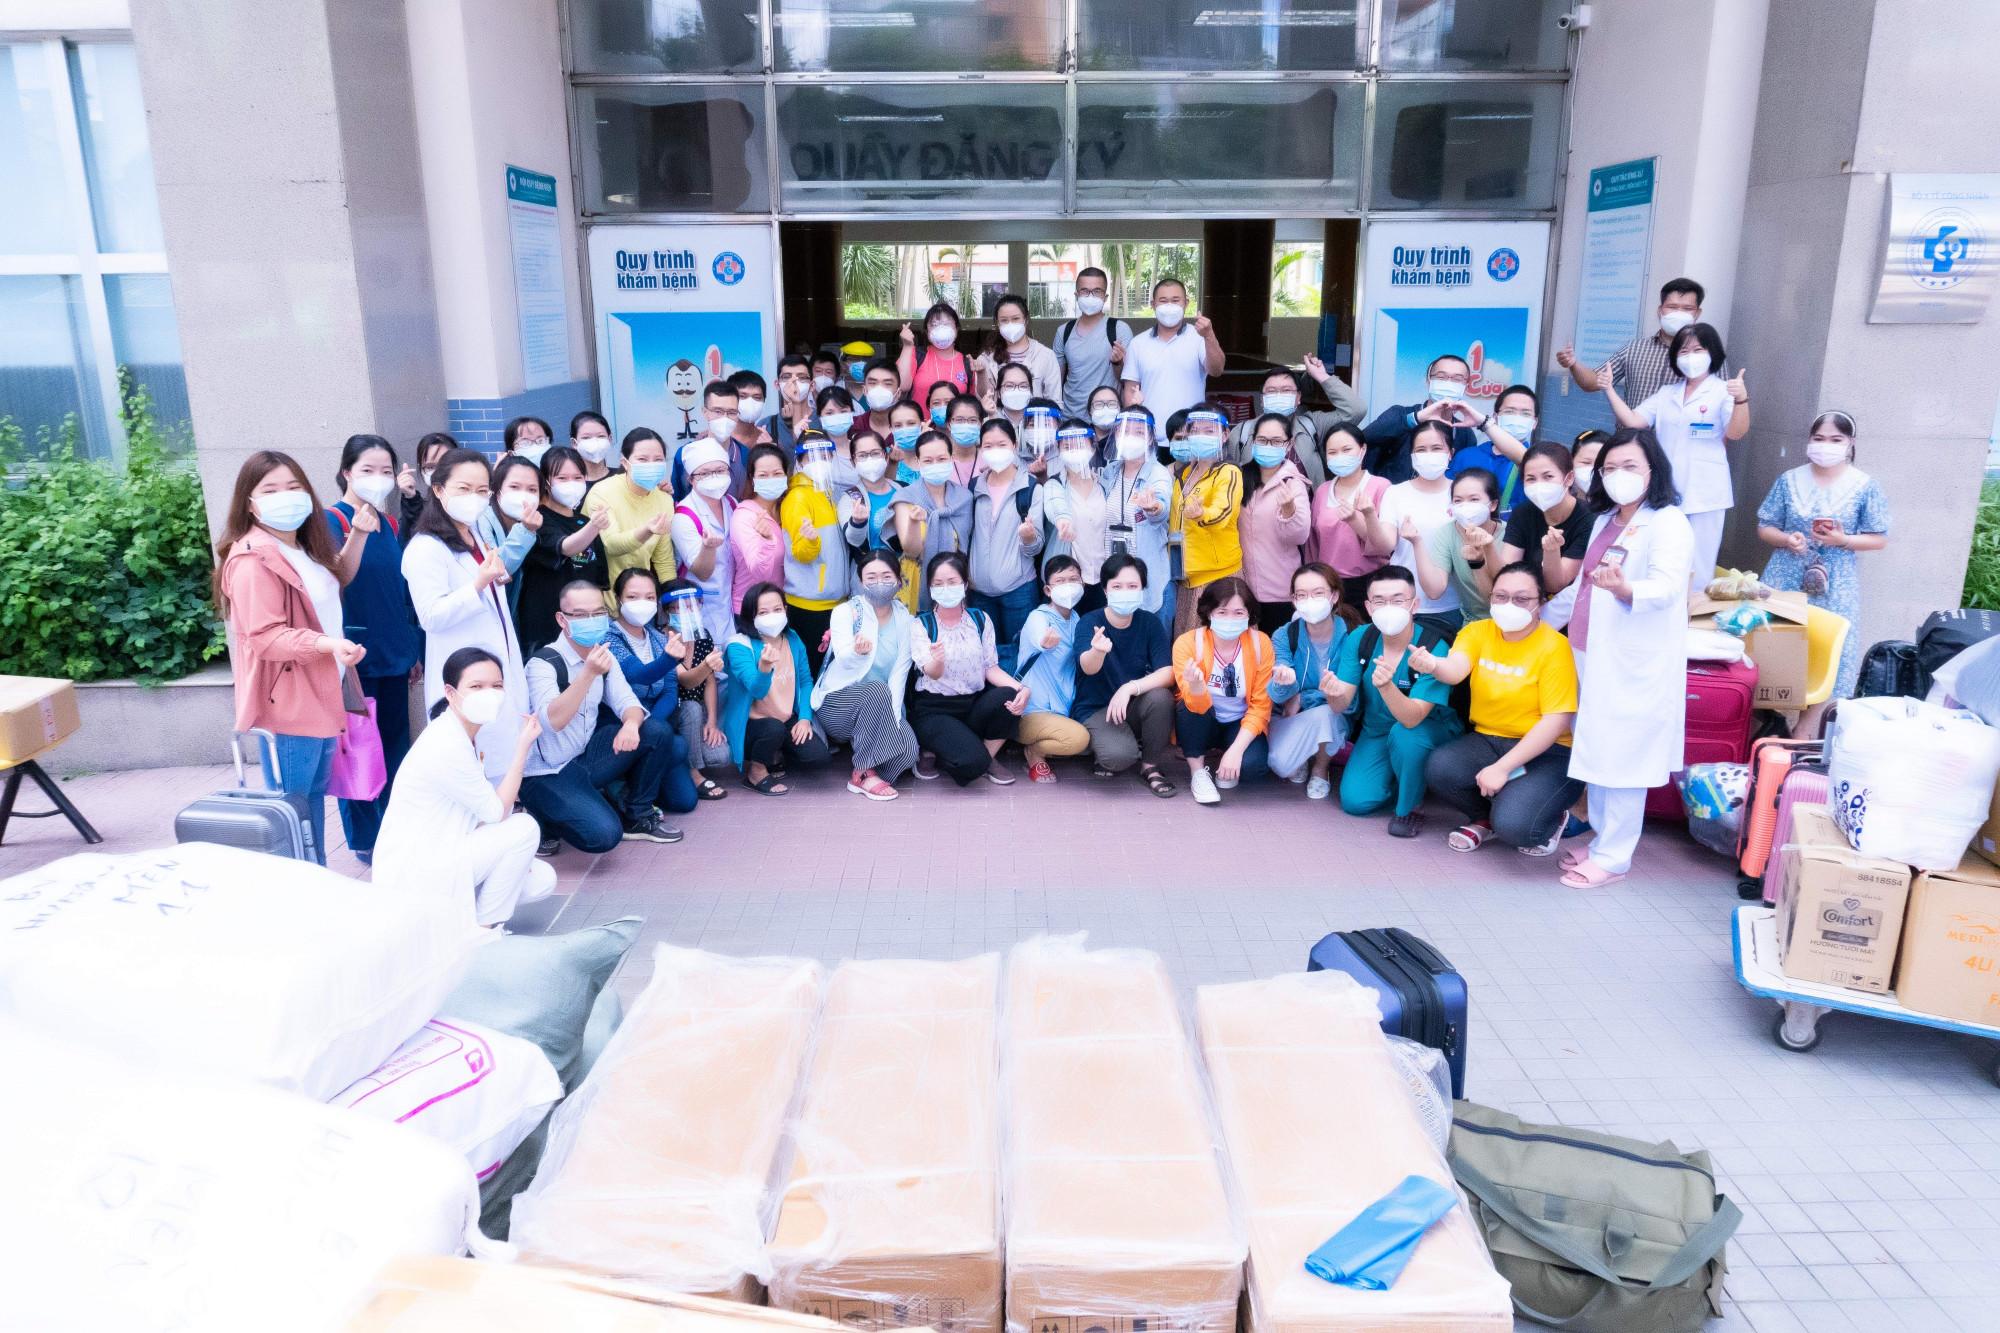 Sáng 27/7, 87 y bác sĩ của Bệnh viện Hùng Vương đã lên đường đển Bệnh viện Thu dung điều trị COVID-19 số 16 theo chỉ đạo của Sở Y tế TPHCM